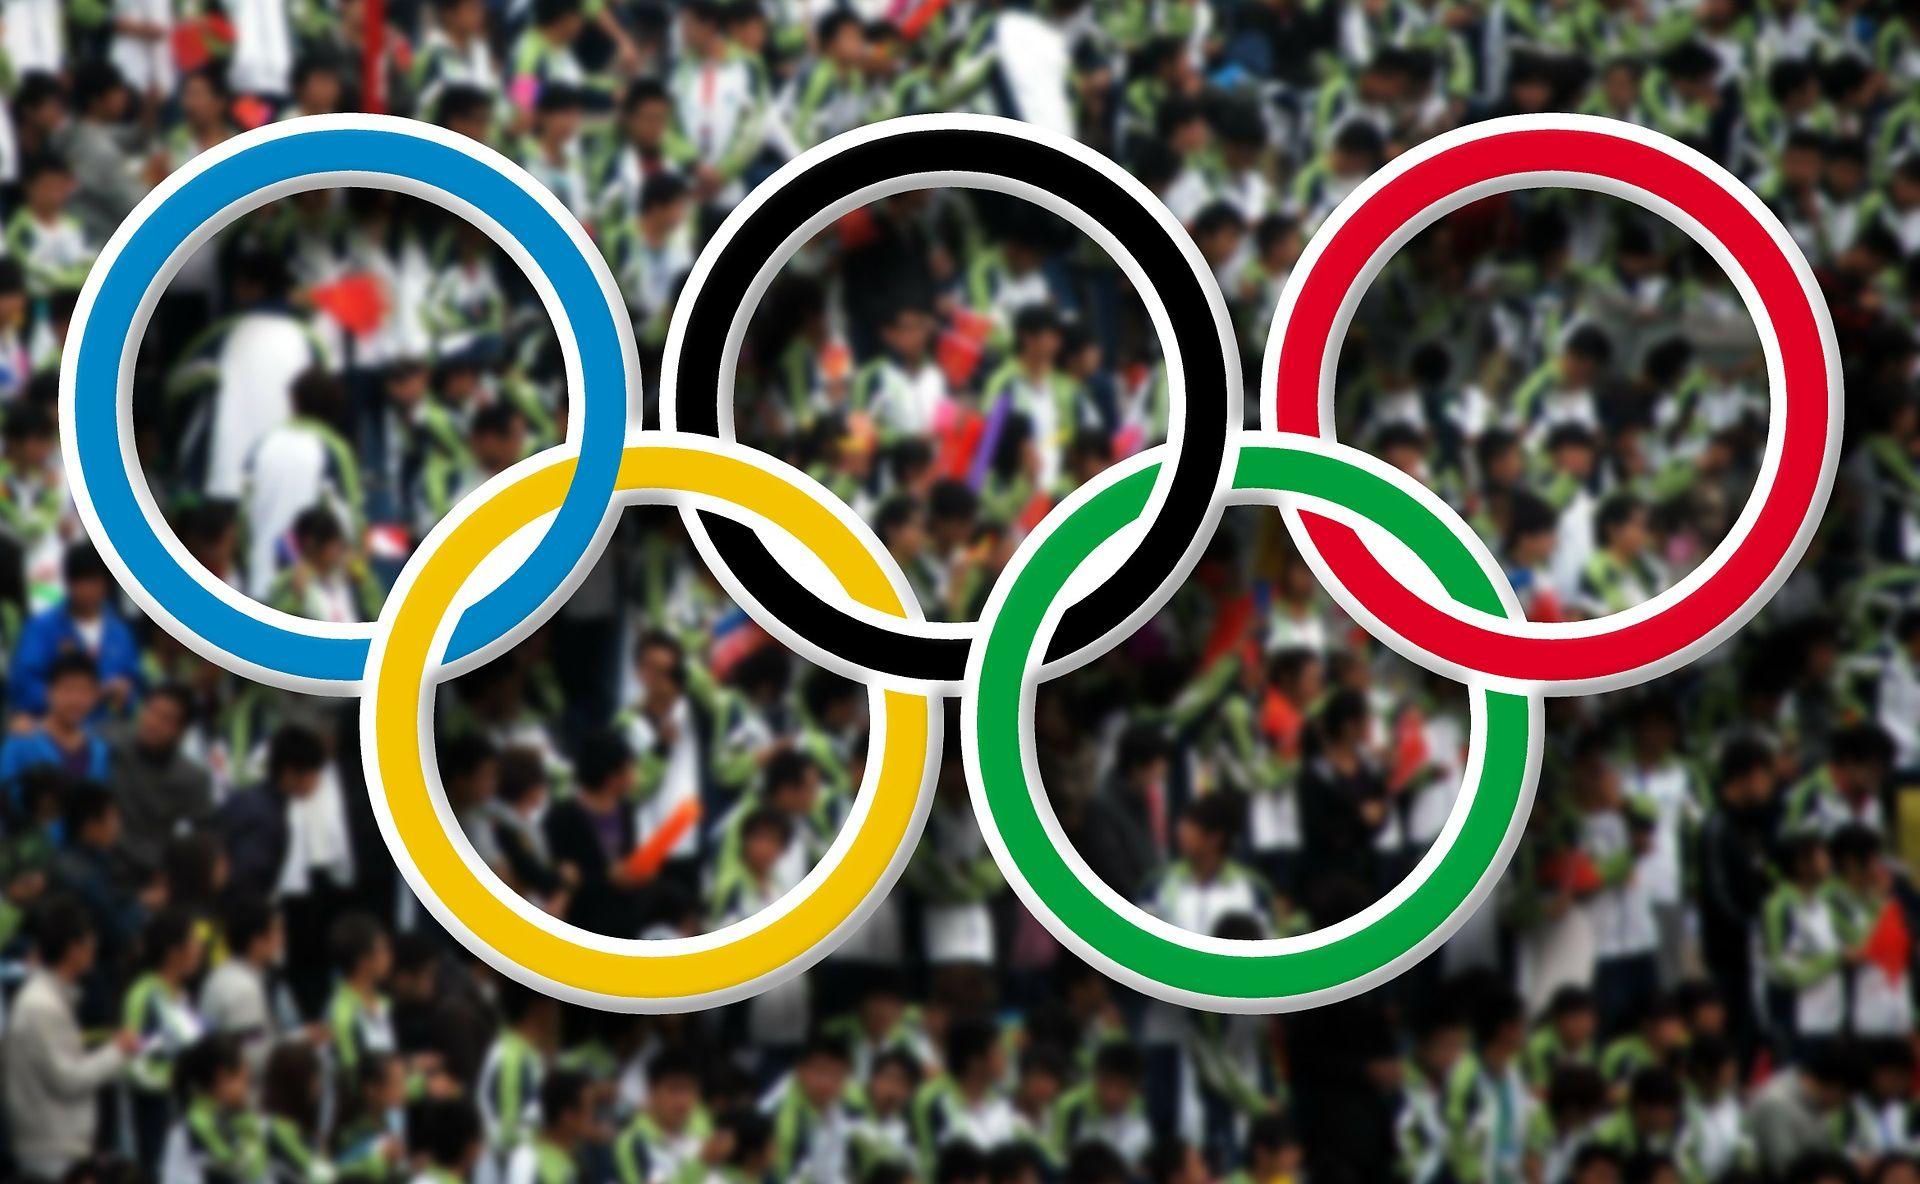 'ŽELIMO POSLATI PORUKU NADE' Reprezentacija izbjeglica nastupit će na Olimpijskim igrama u Riju